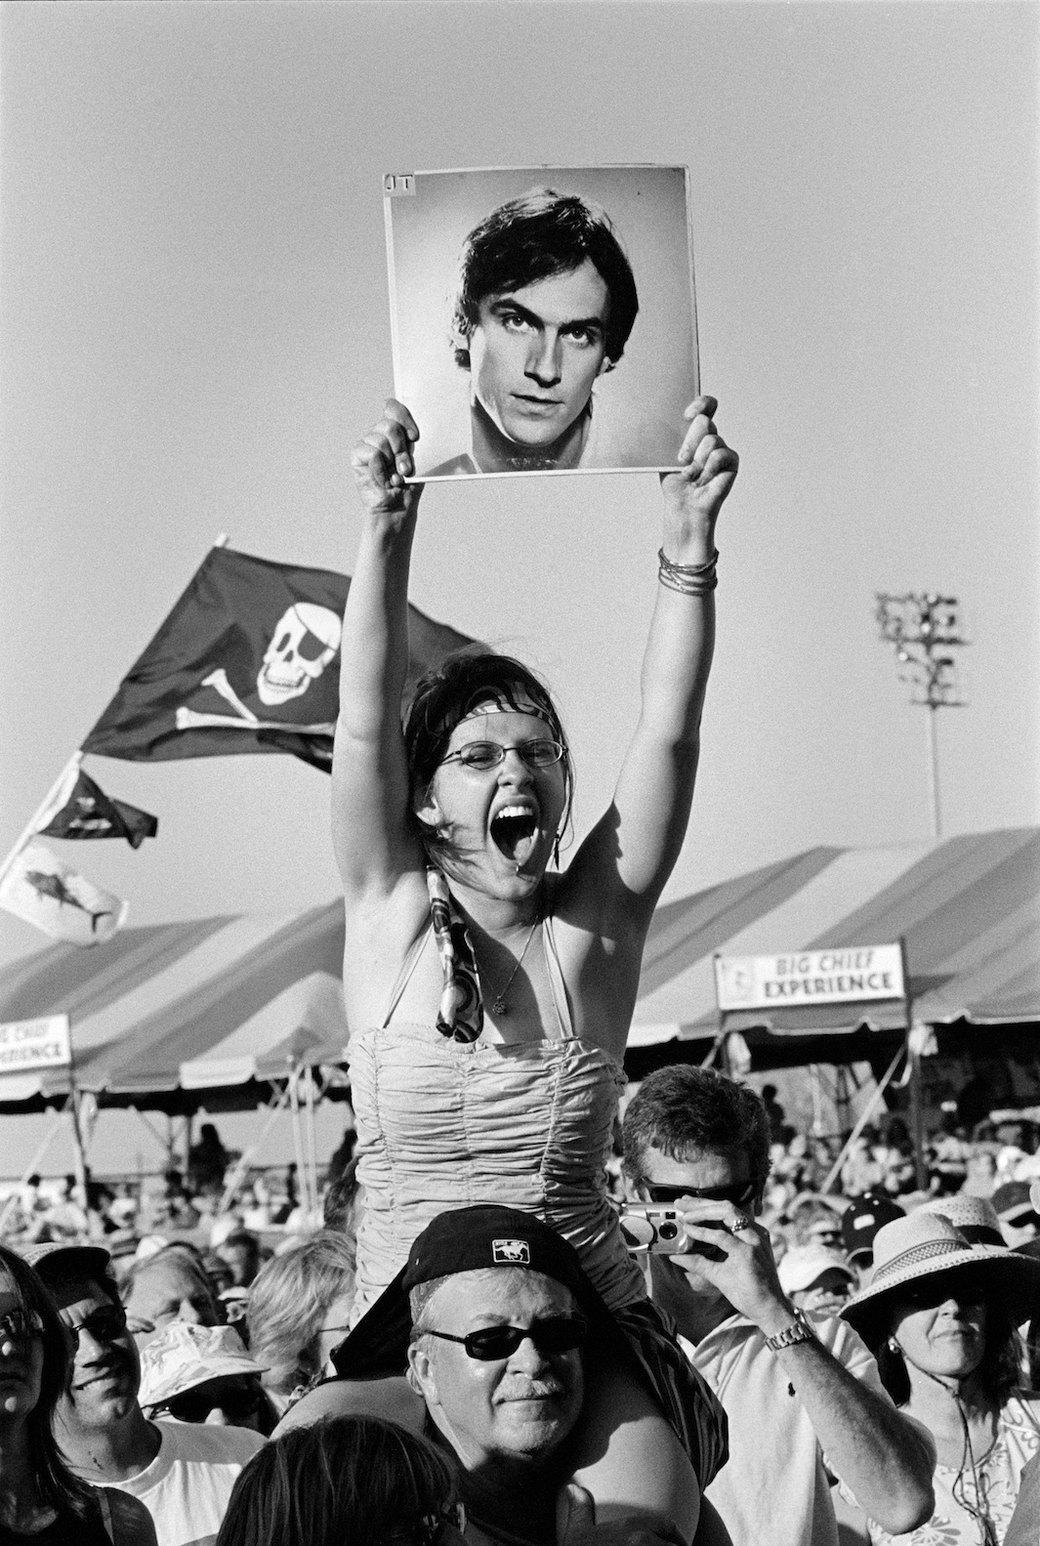 Музыка нас связала: Фотограф Эрин Фейнберг десять лет снимает фанатов на концертах. Изображение № 17.